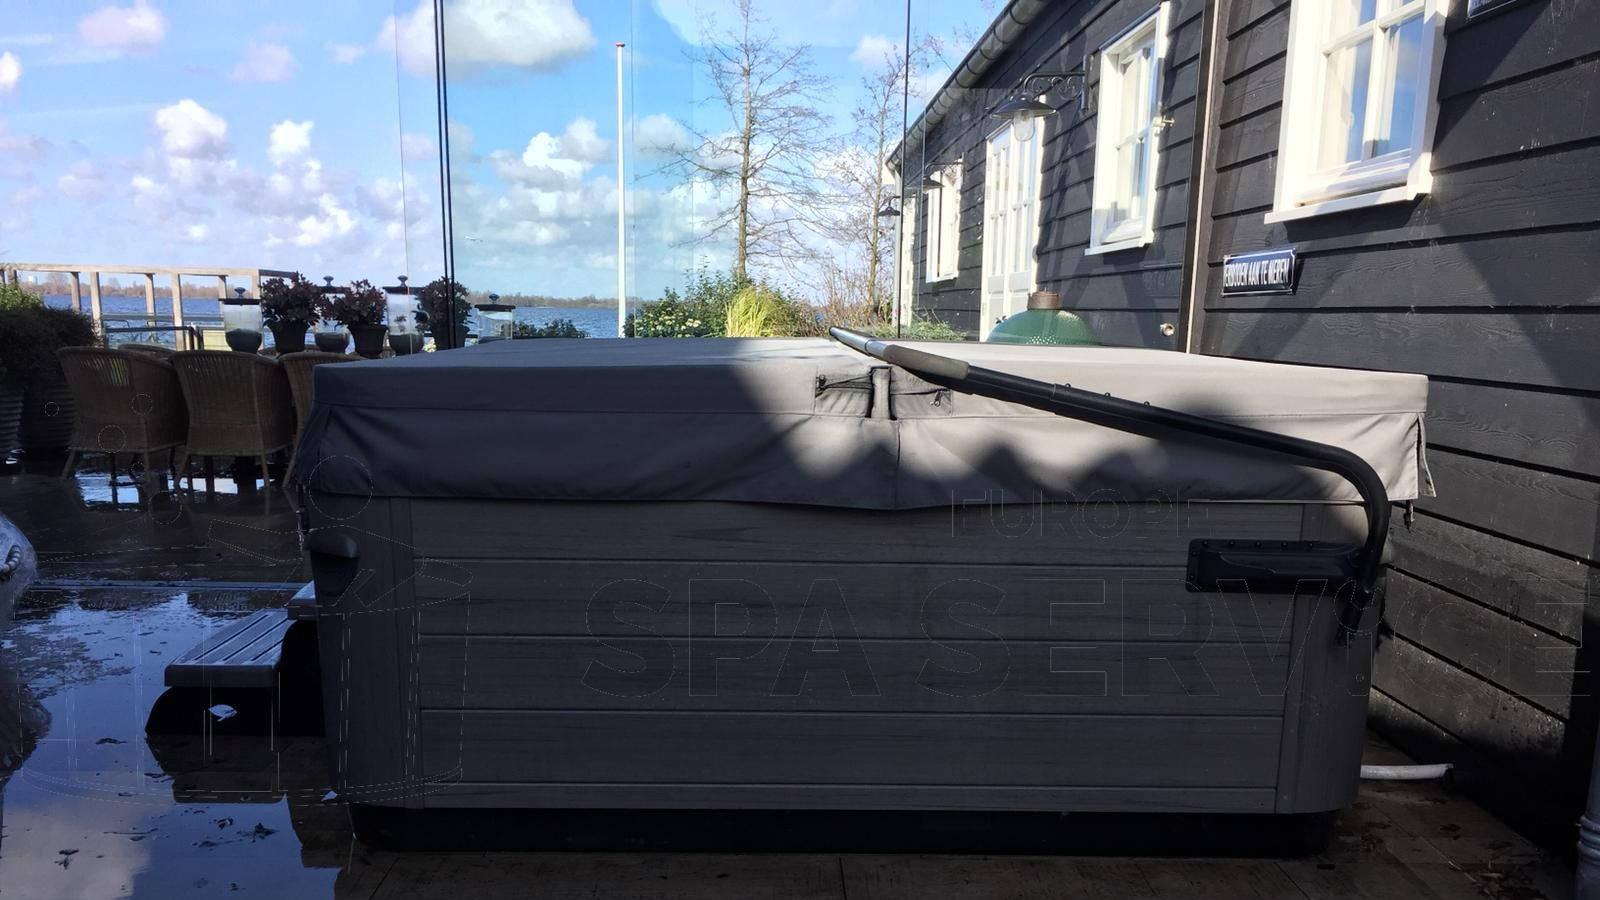 Schoonmaakbeurt en waterbehandeling afgesteld van een Villeroy & Boch A7L spa in Kudelstaart